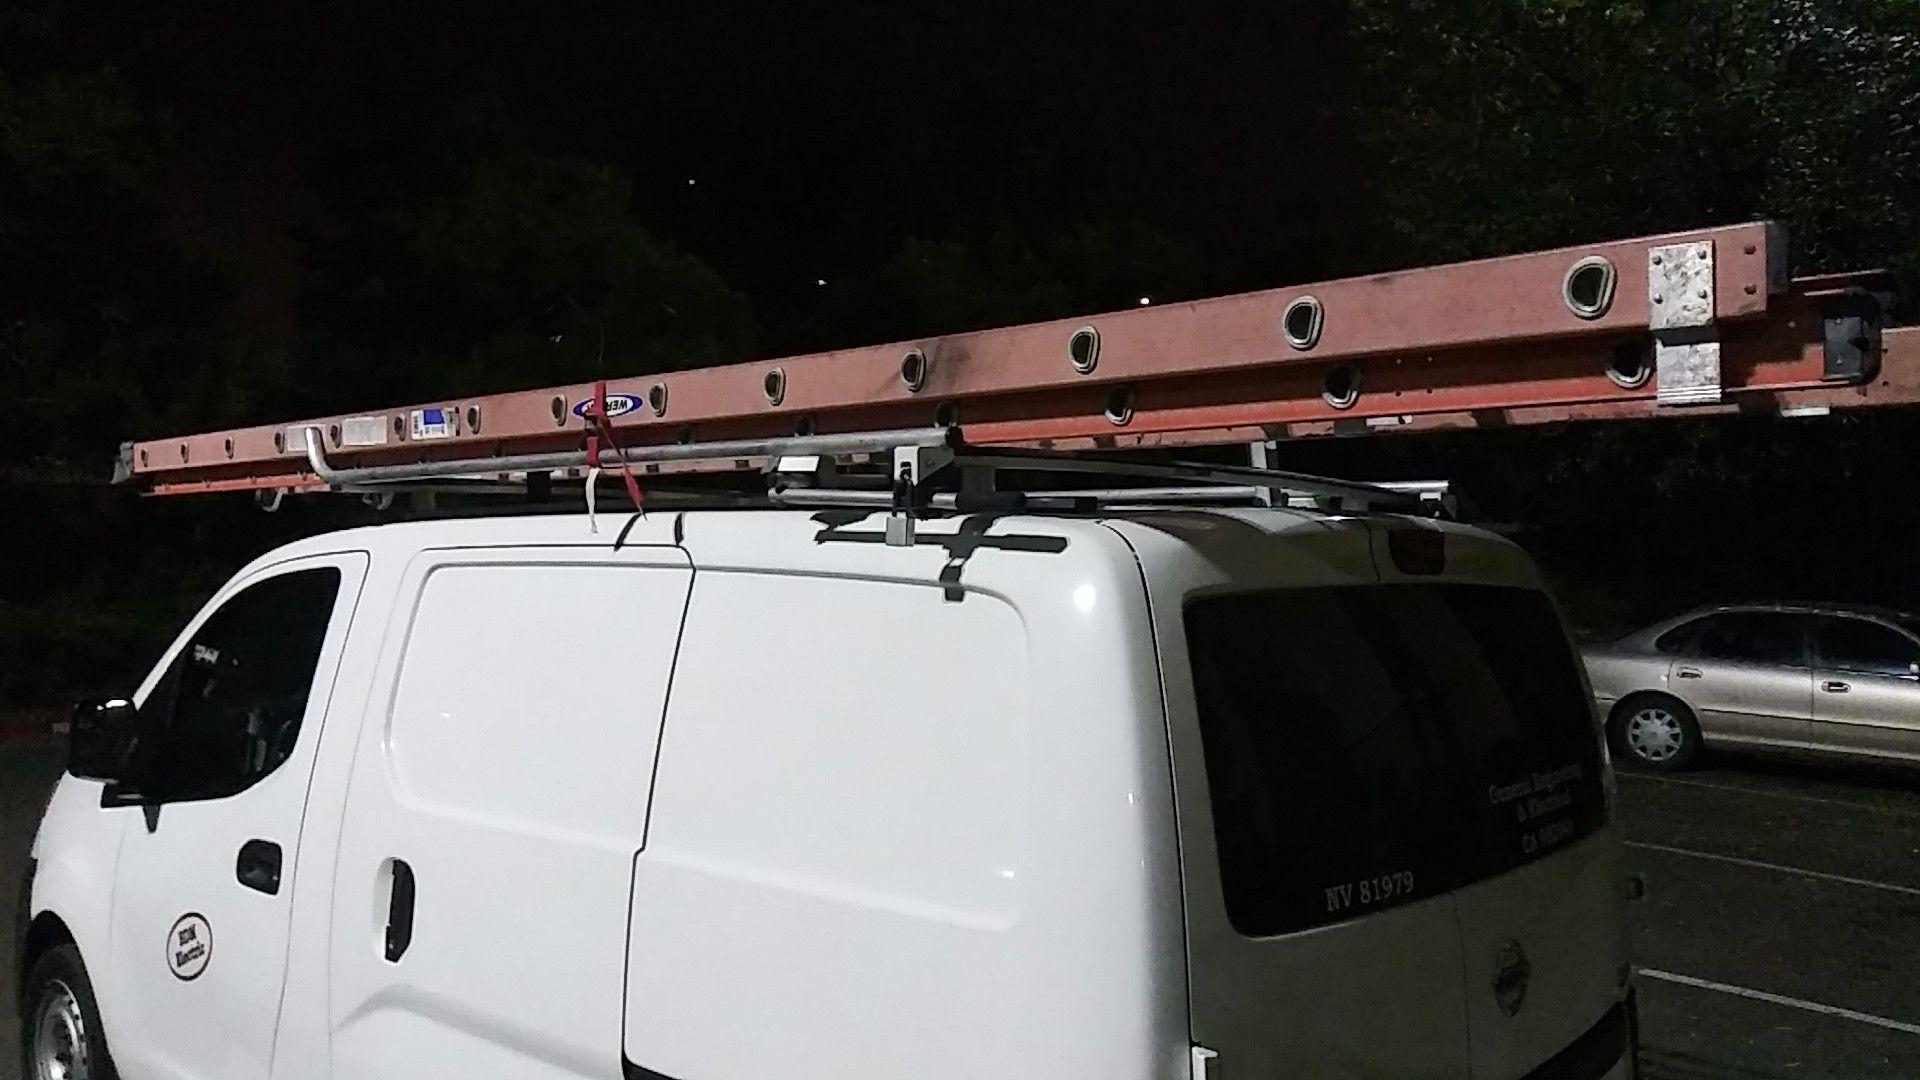 28 foot werner extension ladder